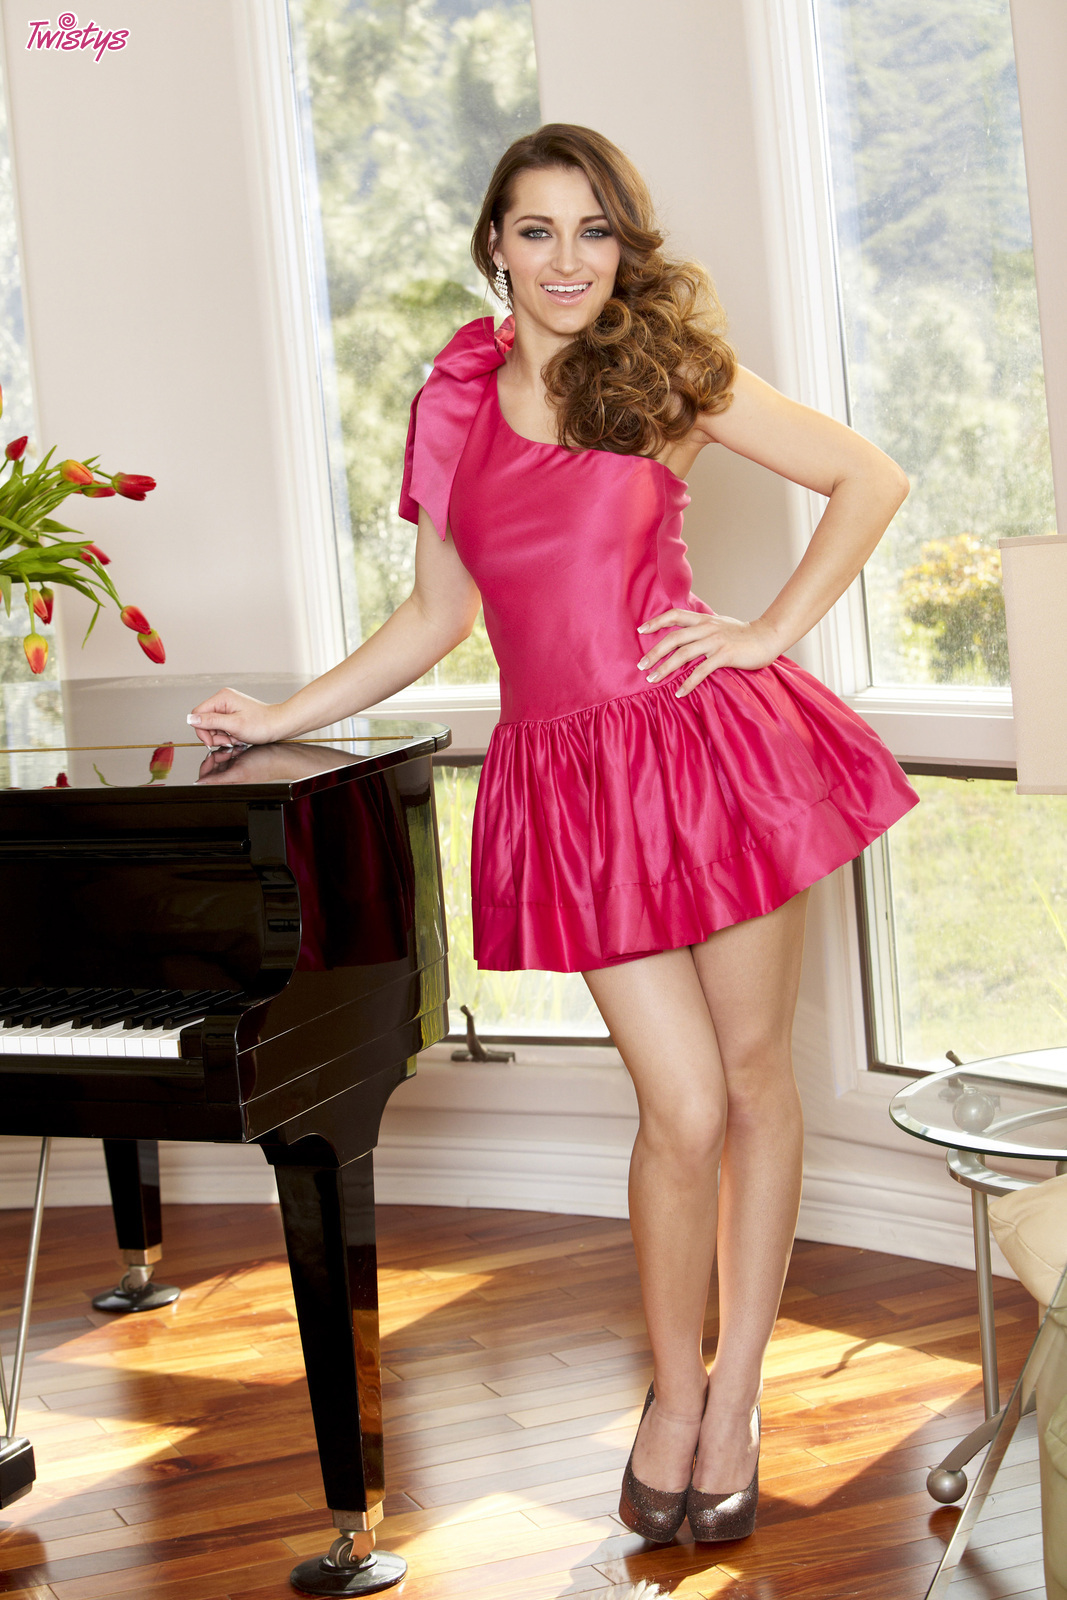 Стильная Dani Daniels спускает розовое платье и развлекается с дилдо